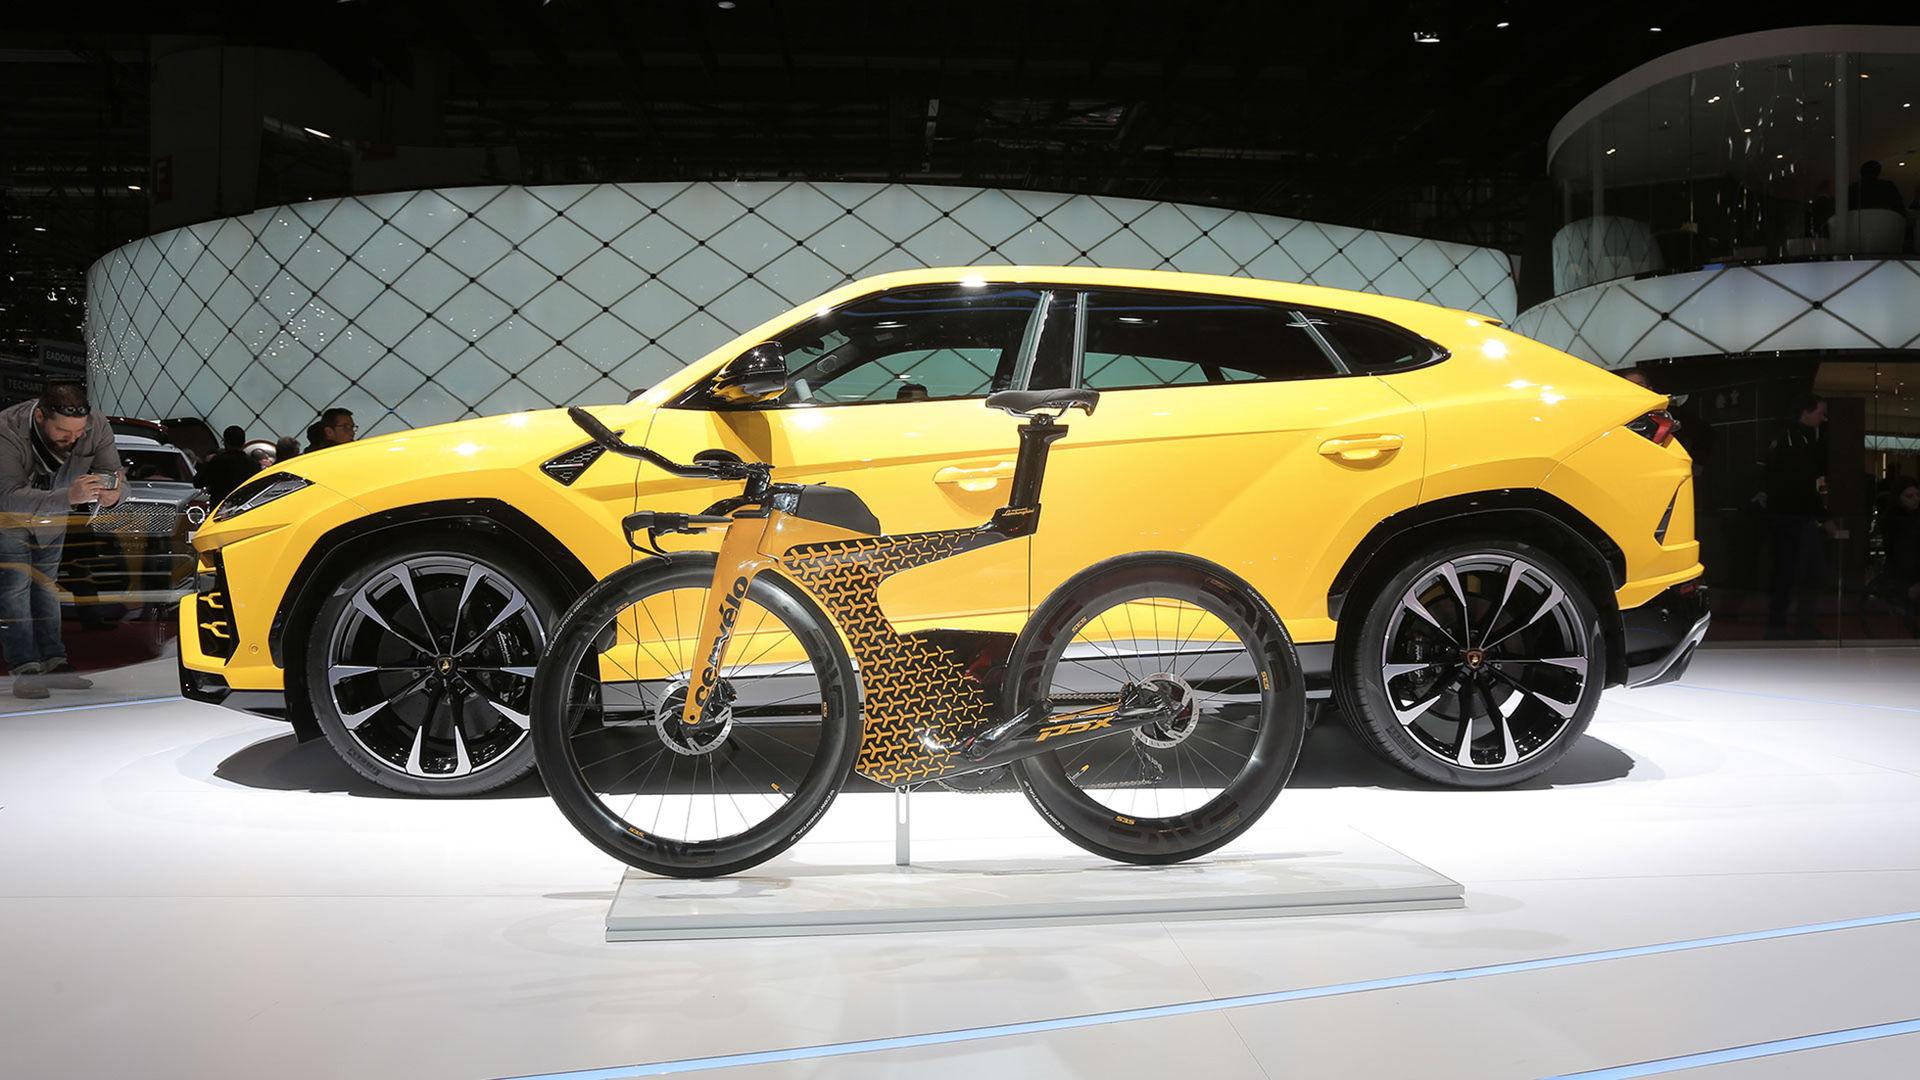 Cykel som matchar din Lamborghini Urus